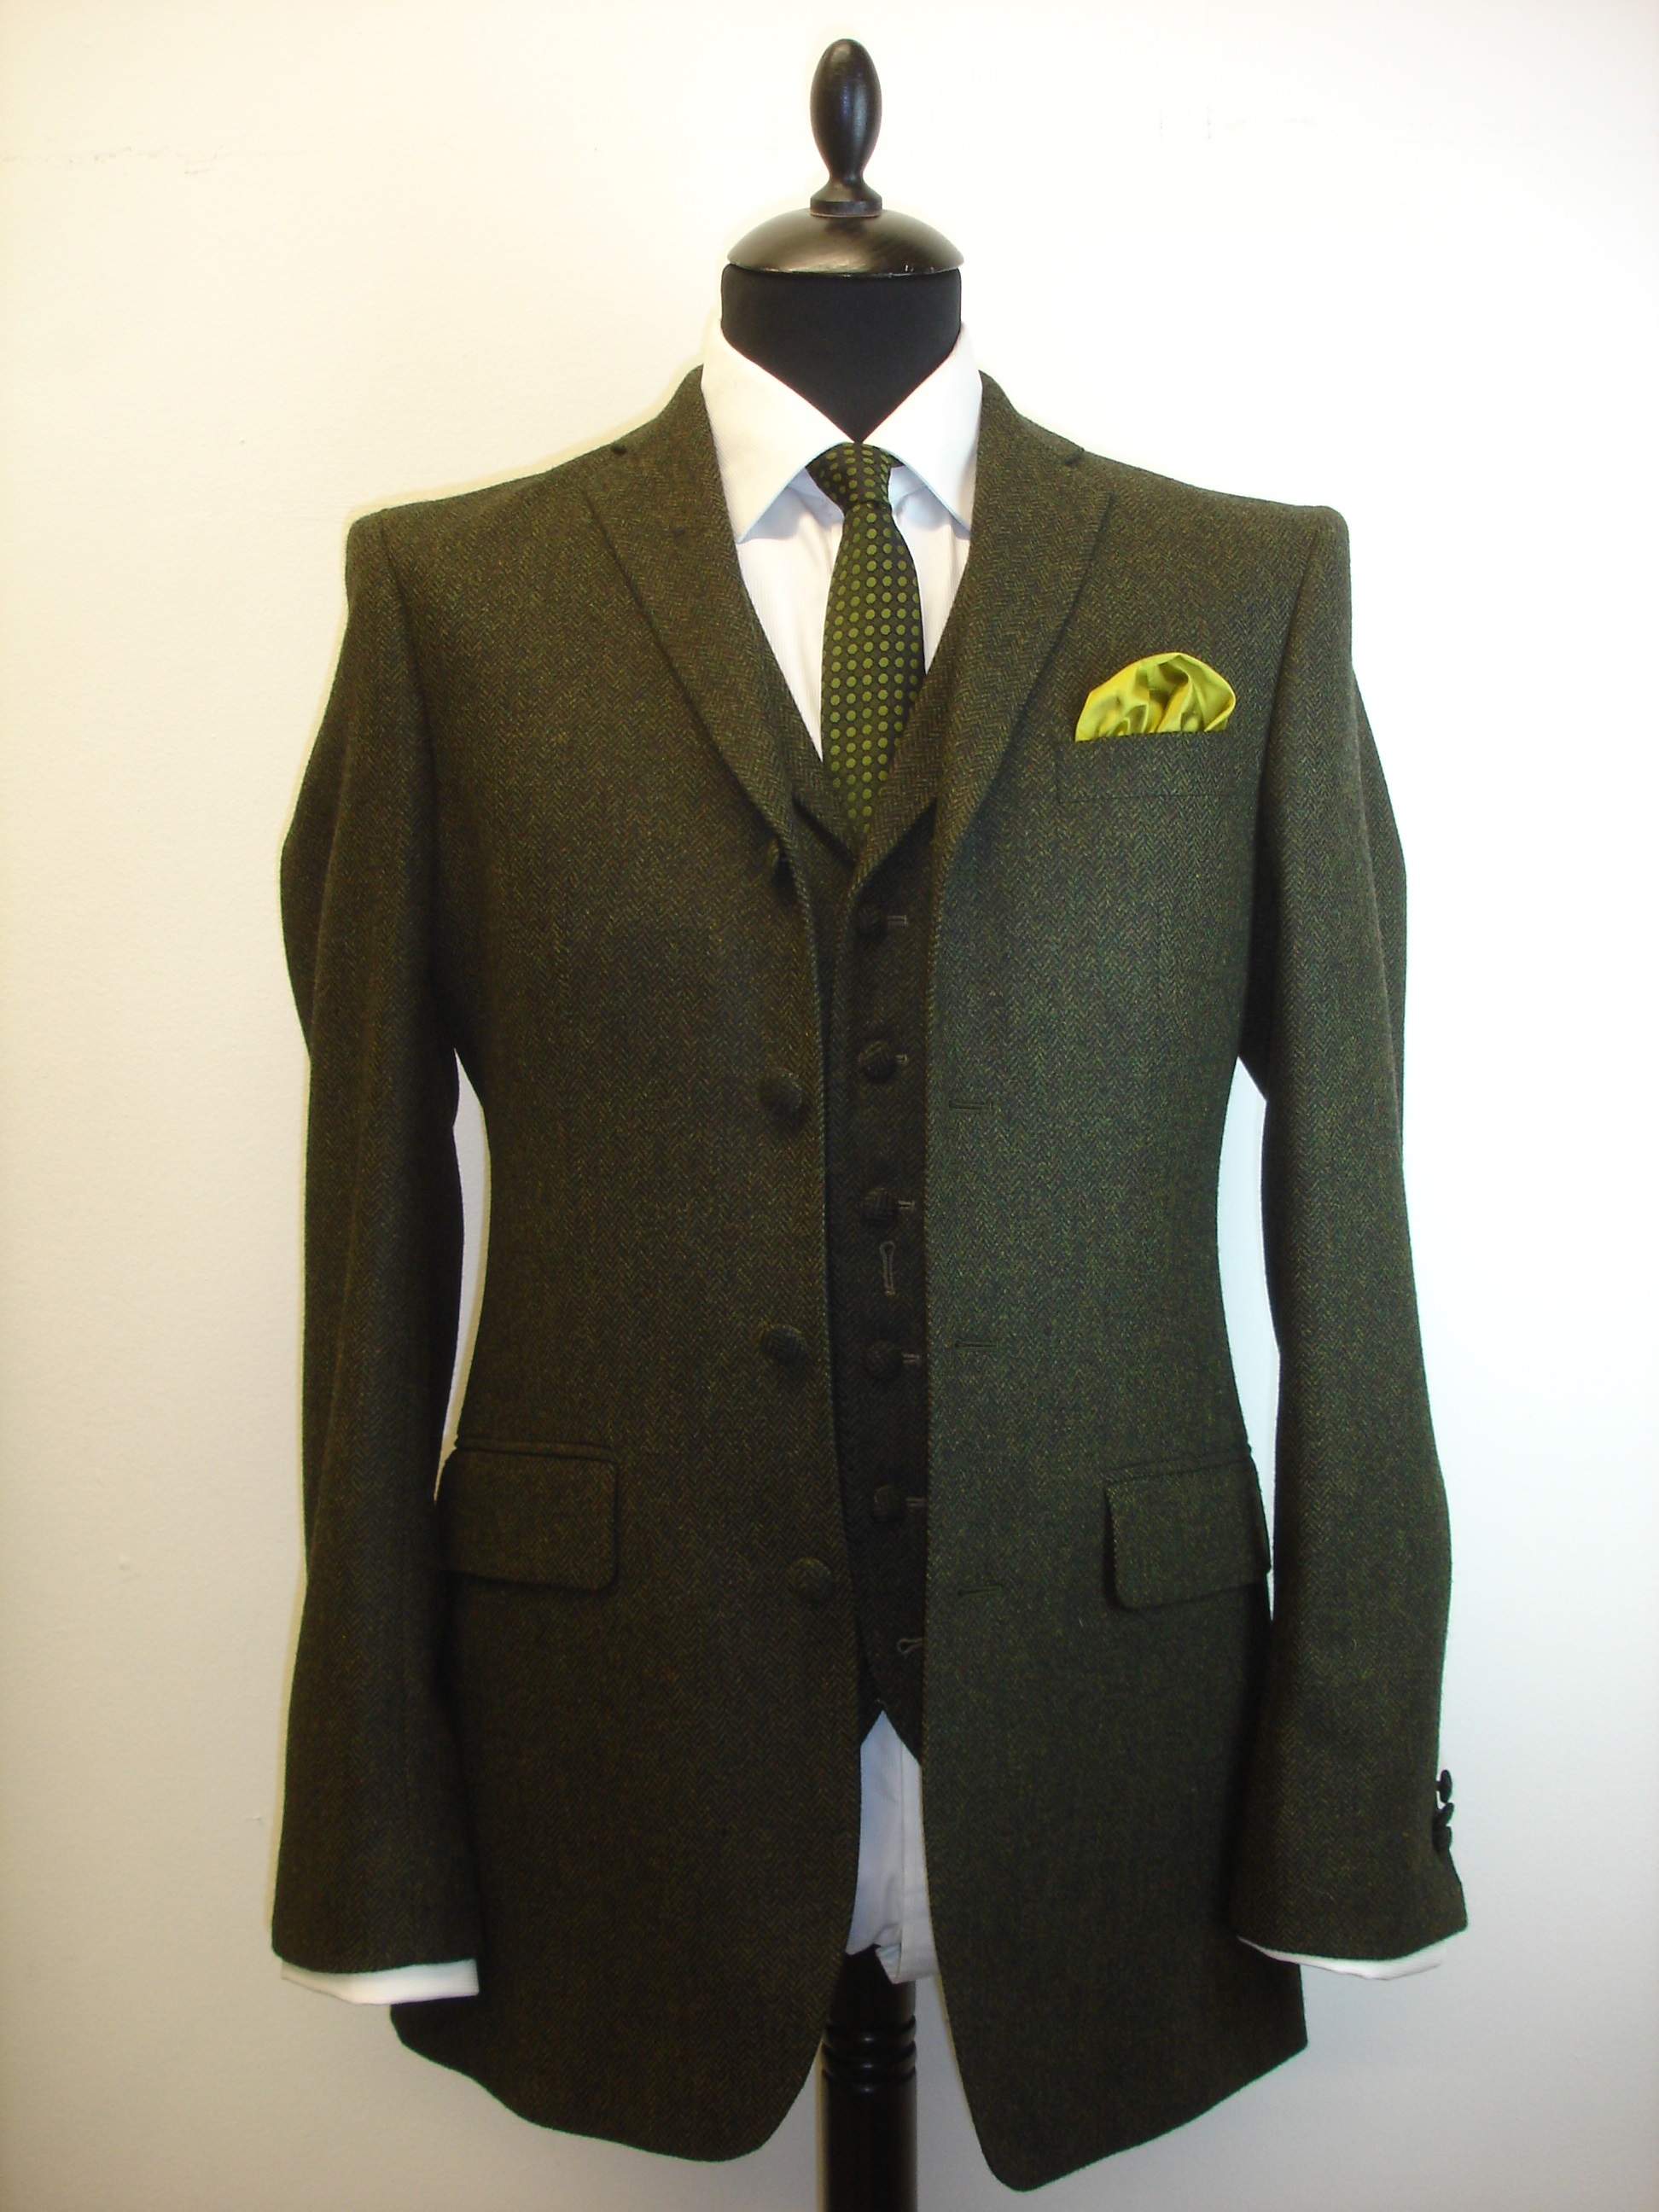 3 piece green lambswool herringbone tweed suit (5).JPG